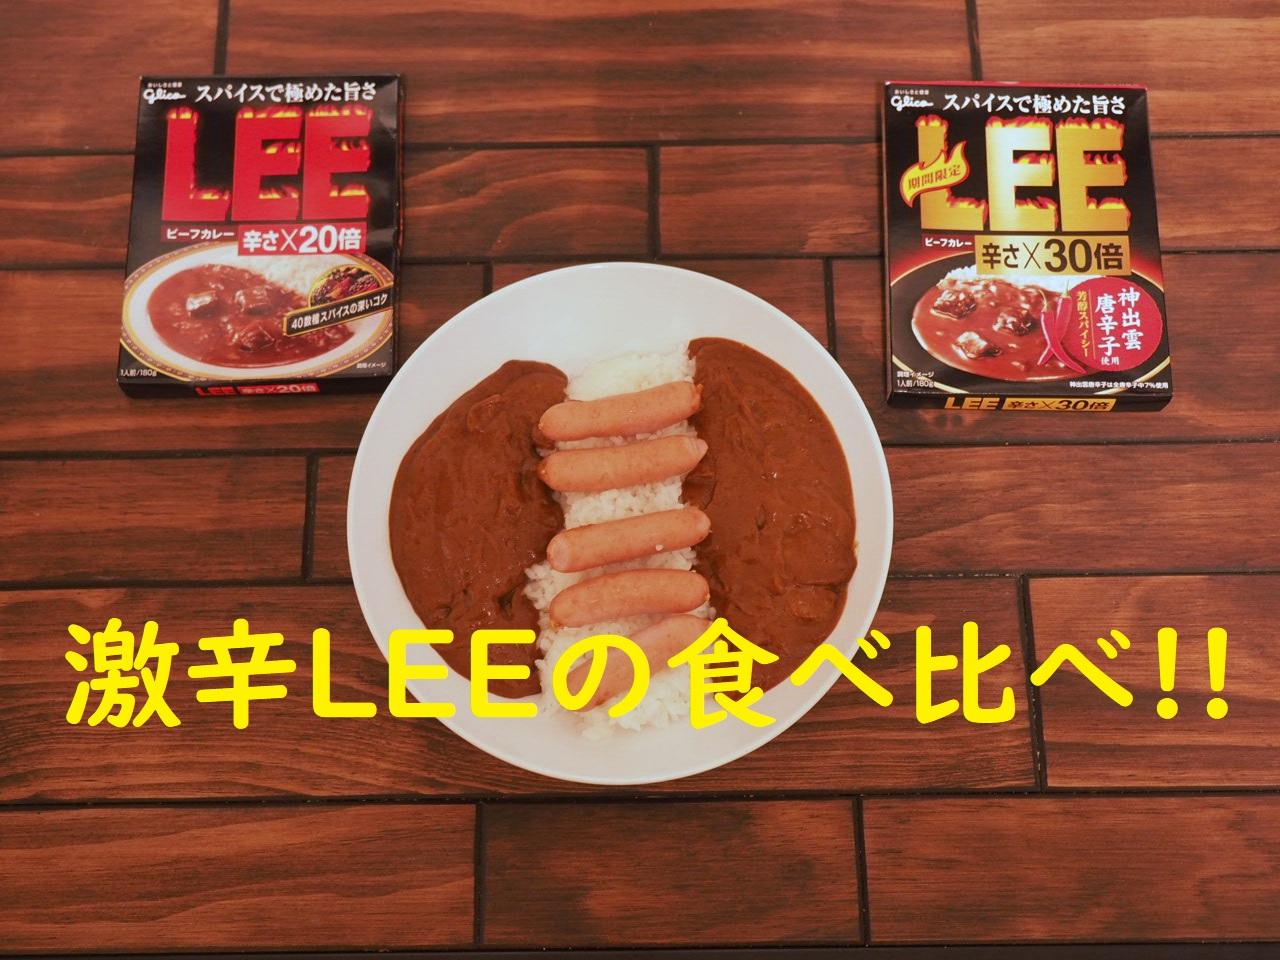 【買ってみた!】激辛LEEの20倍と30倍とを食べ比べしてみた!